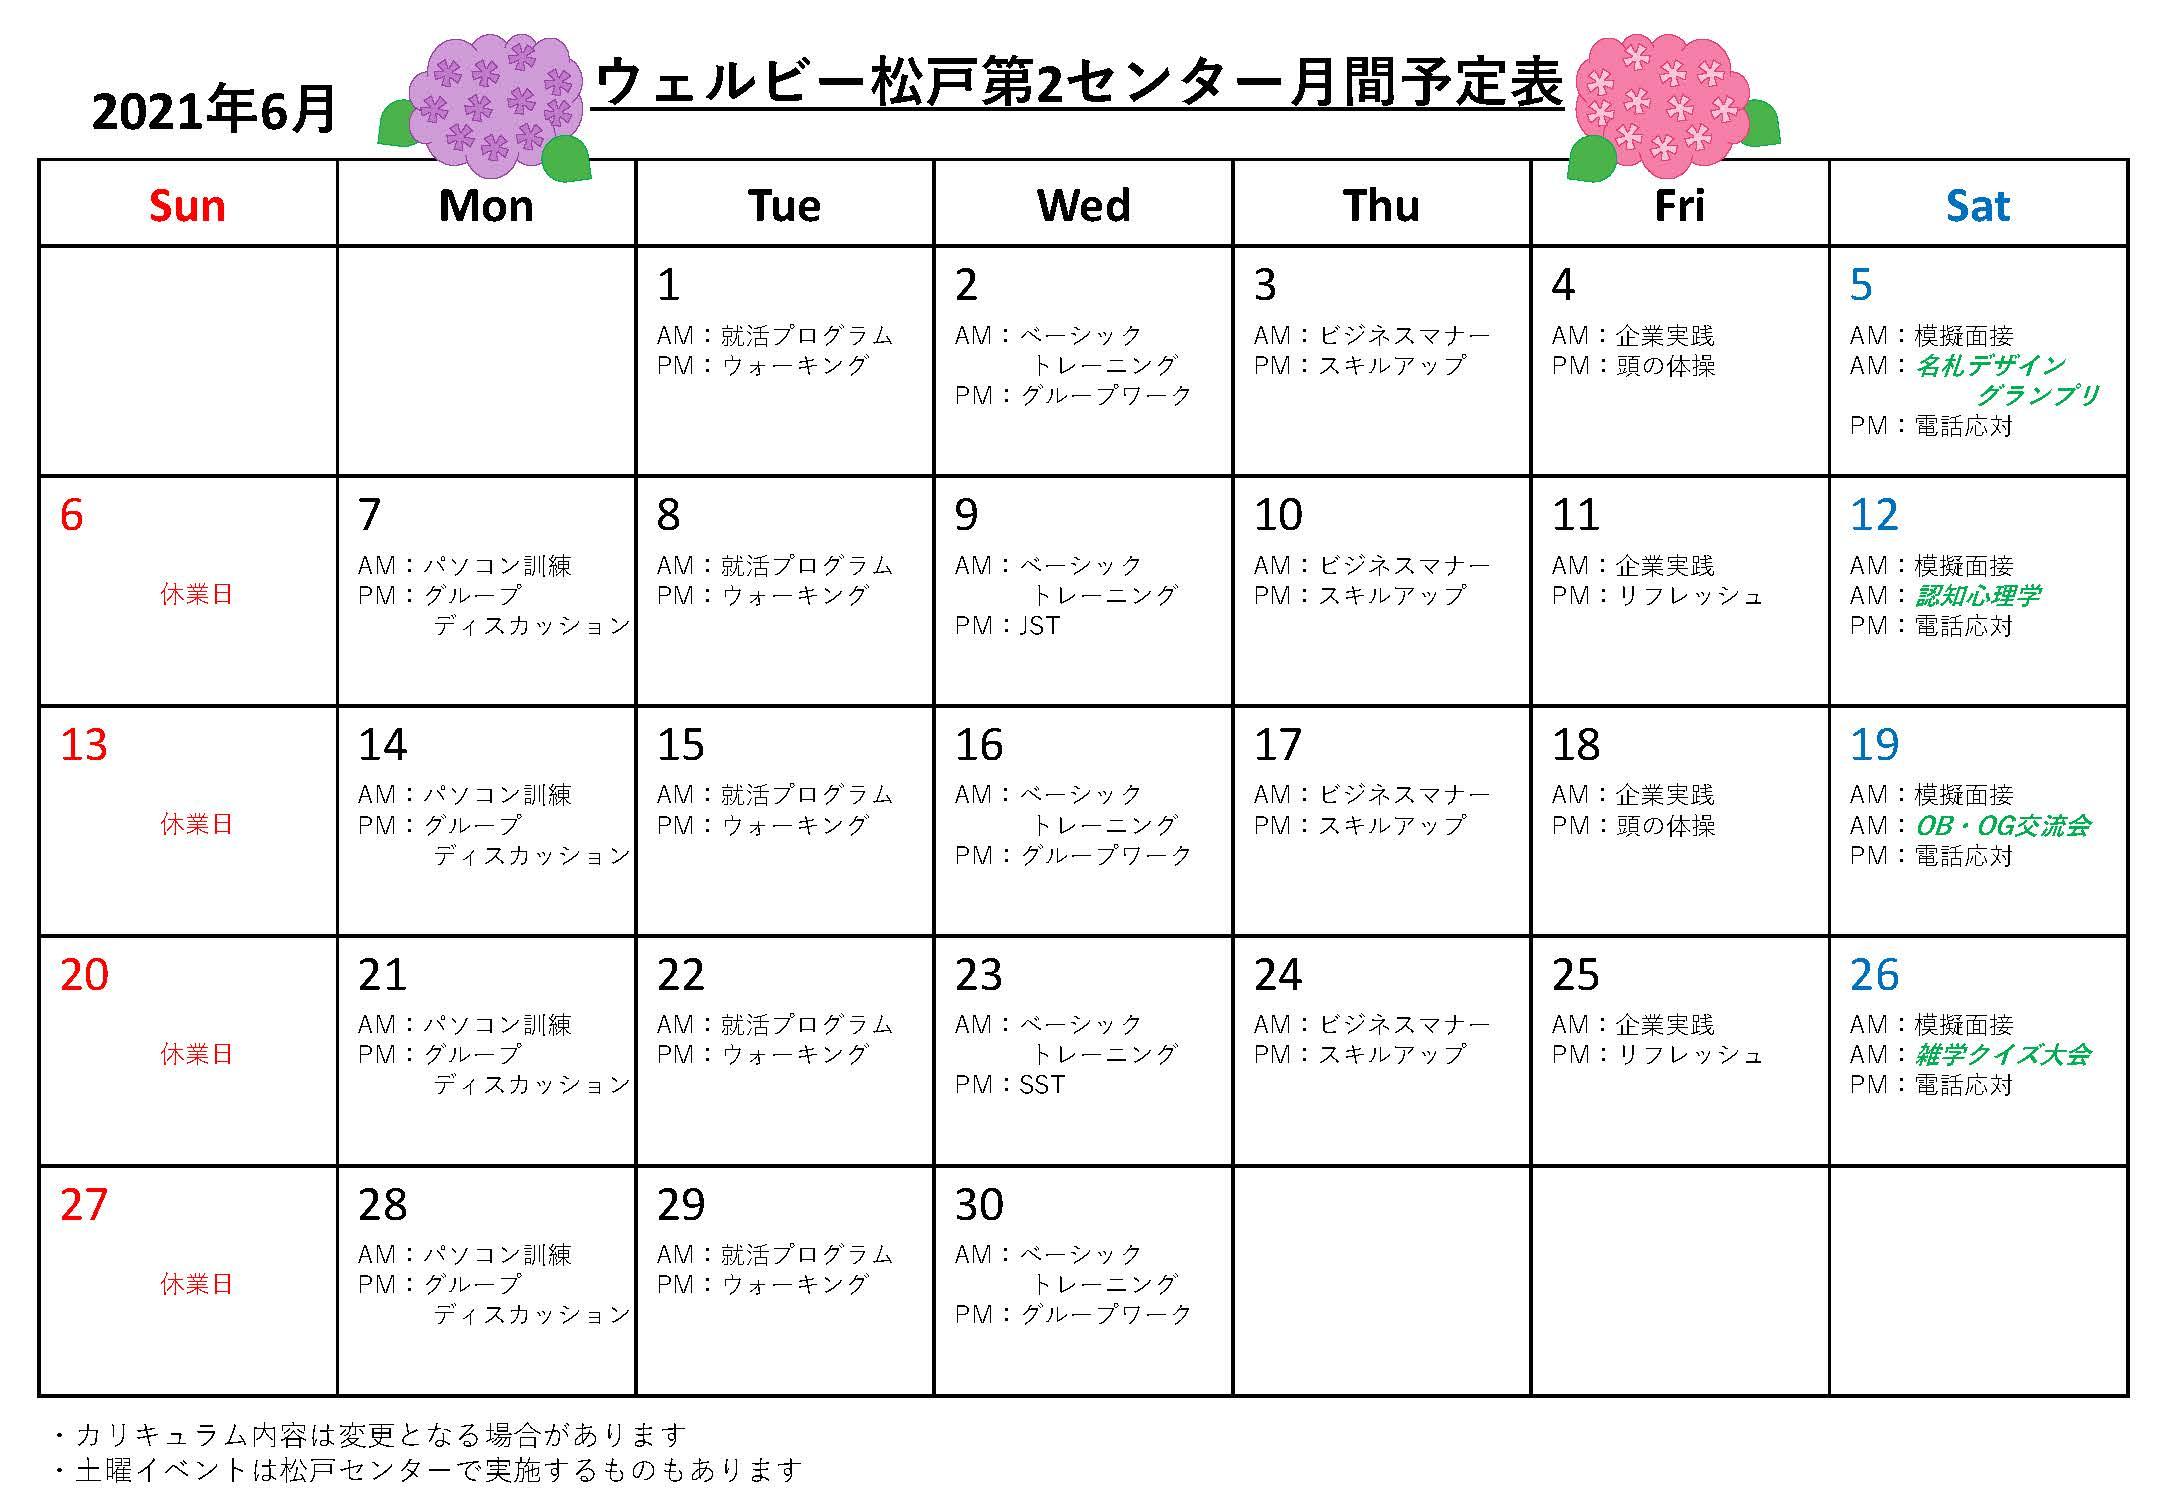 松戸第2センター2106_月間予定表